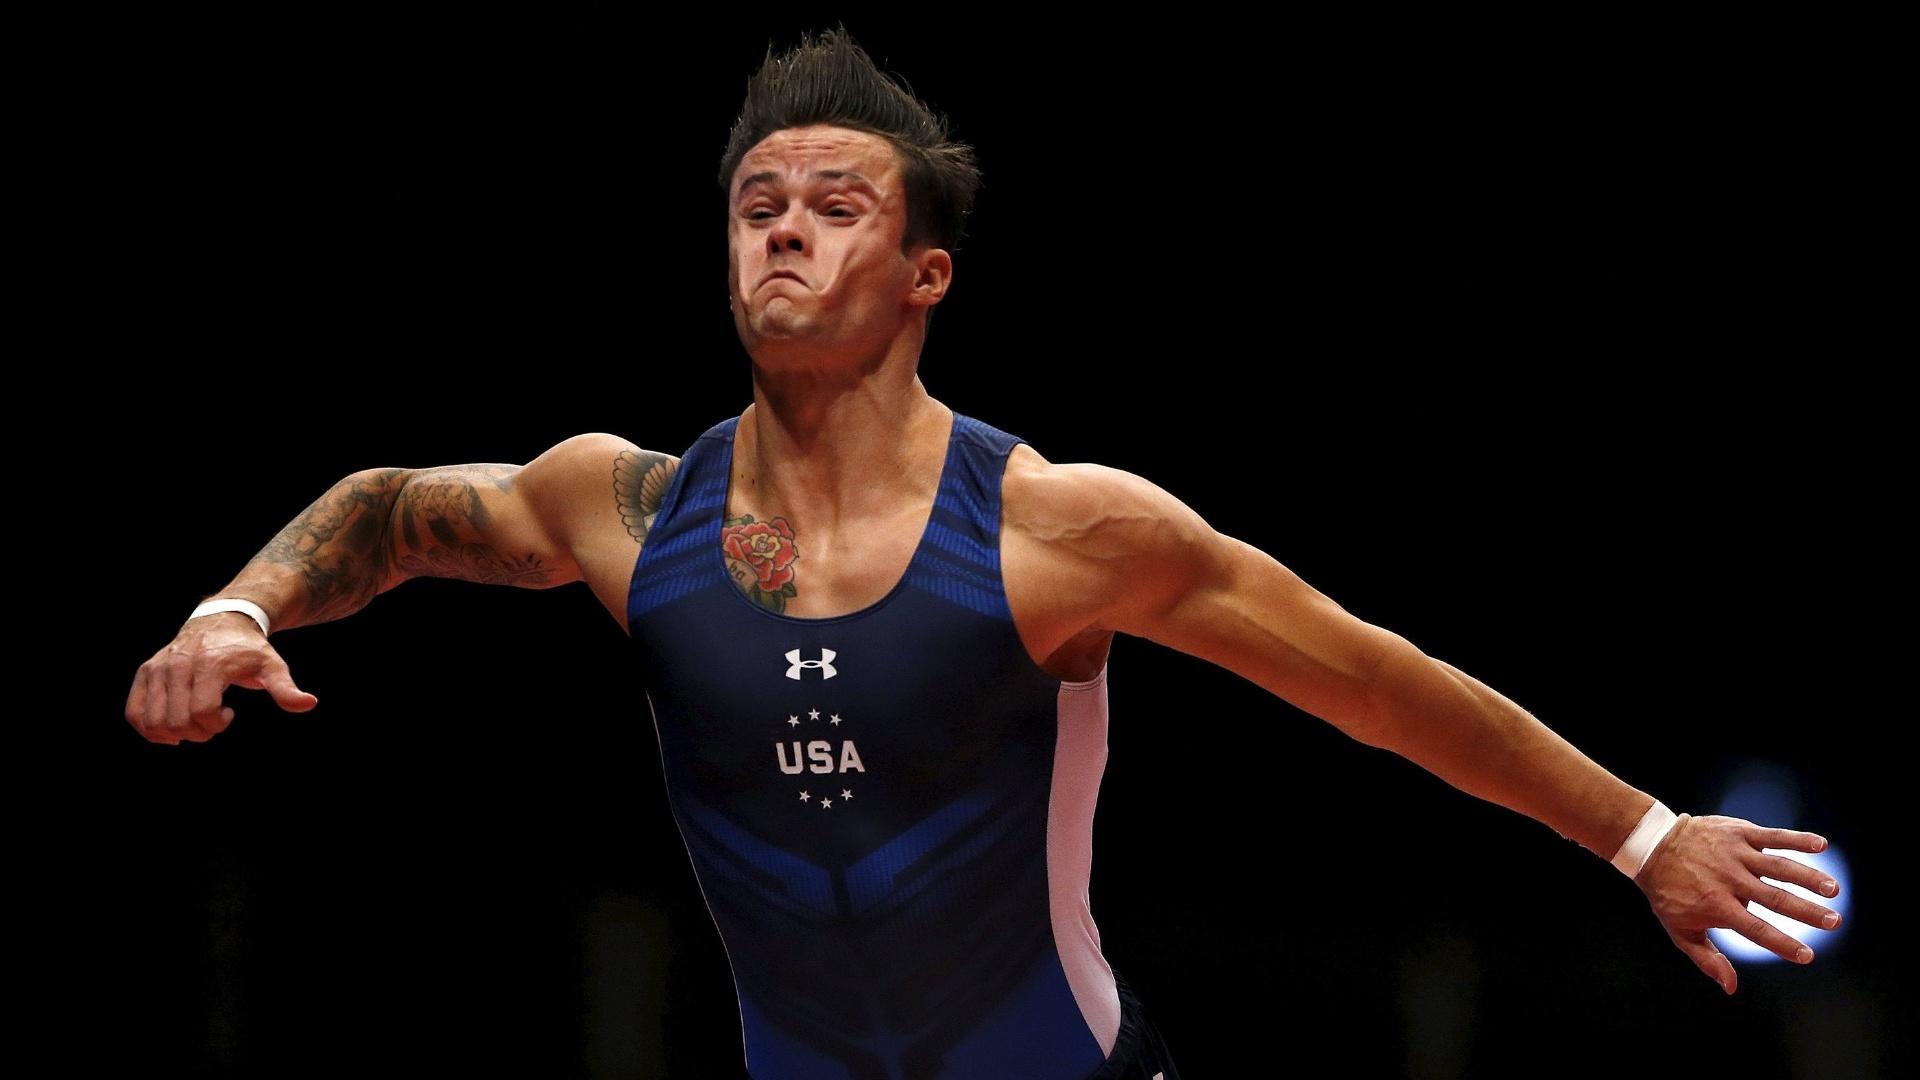 Paul Ruggeri, ginasta americano, se apresenta na eliminatória do Mundial de ginástica artística em Glasgow, na Escócia